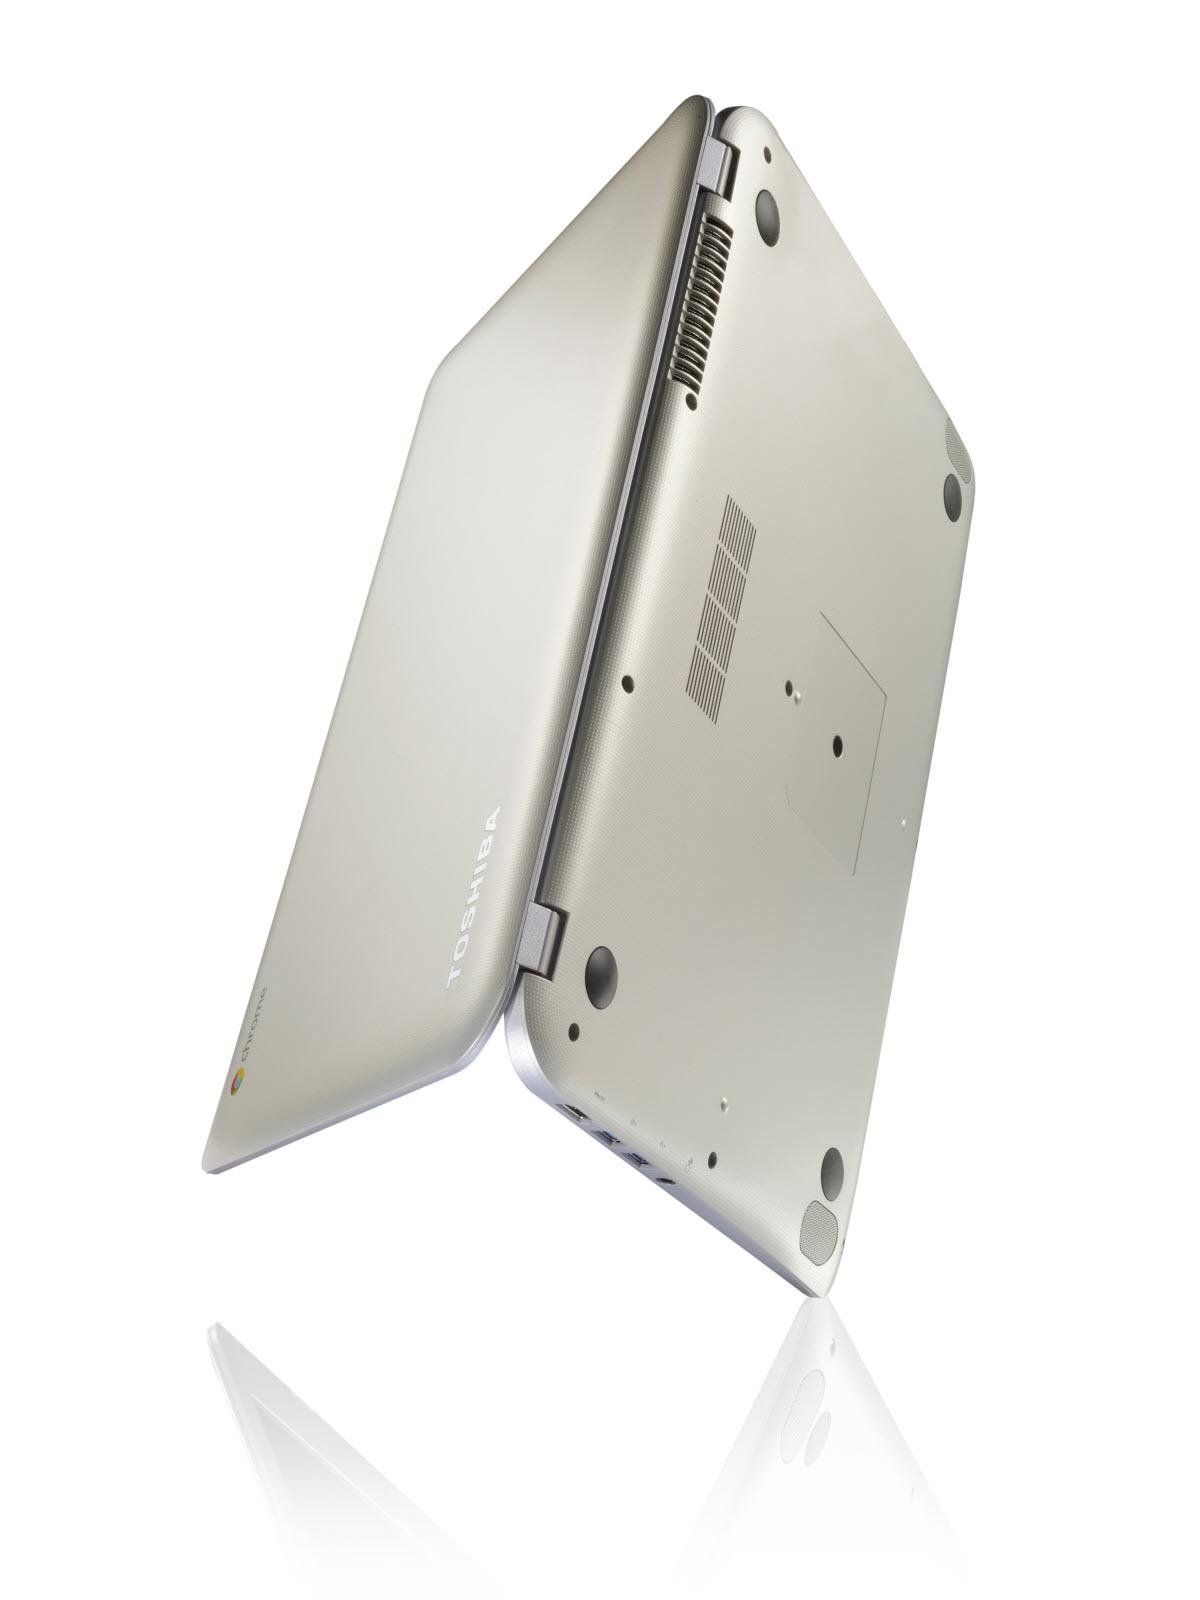 #CES2014 : Toshiba présente son premier Chromebook et à moins de 300€